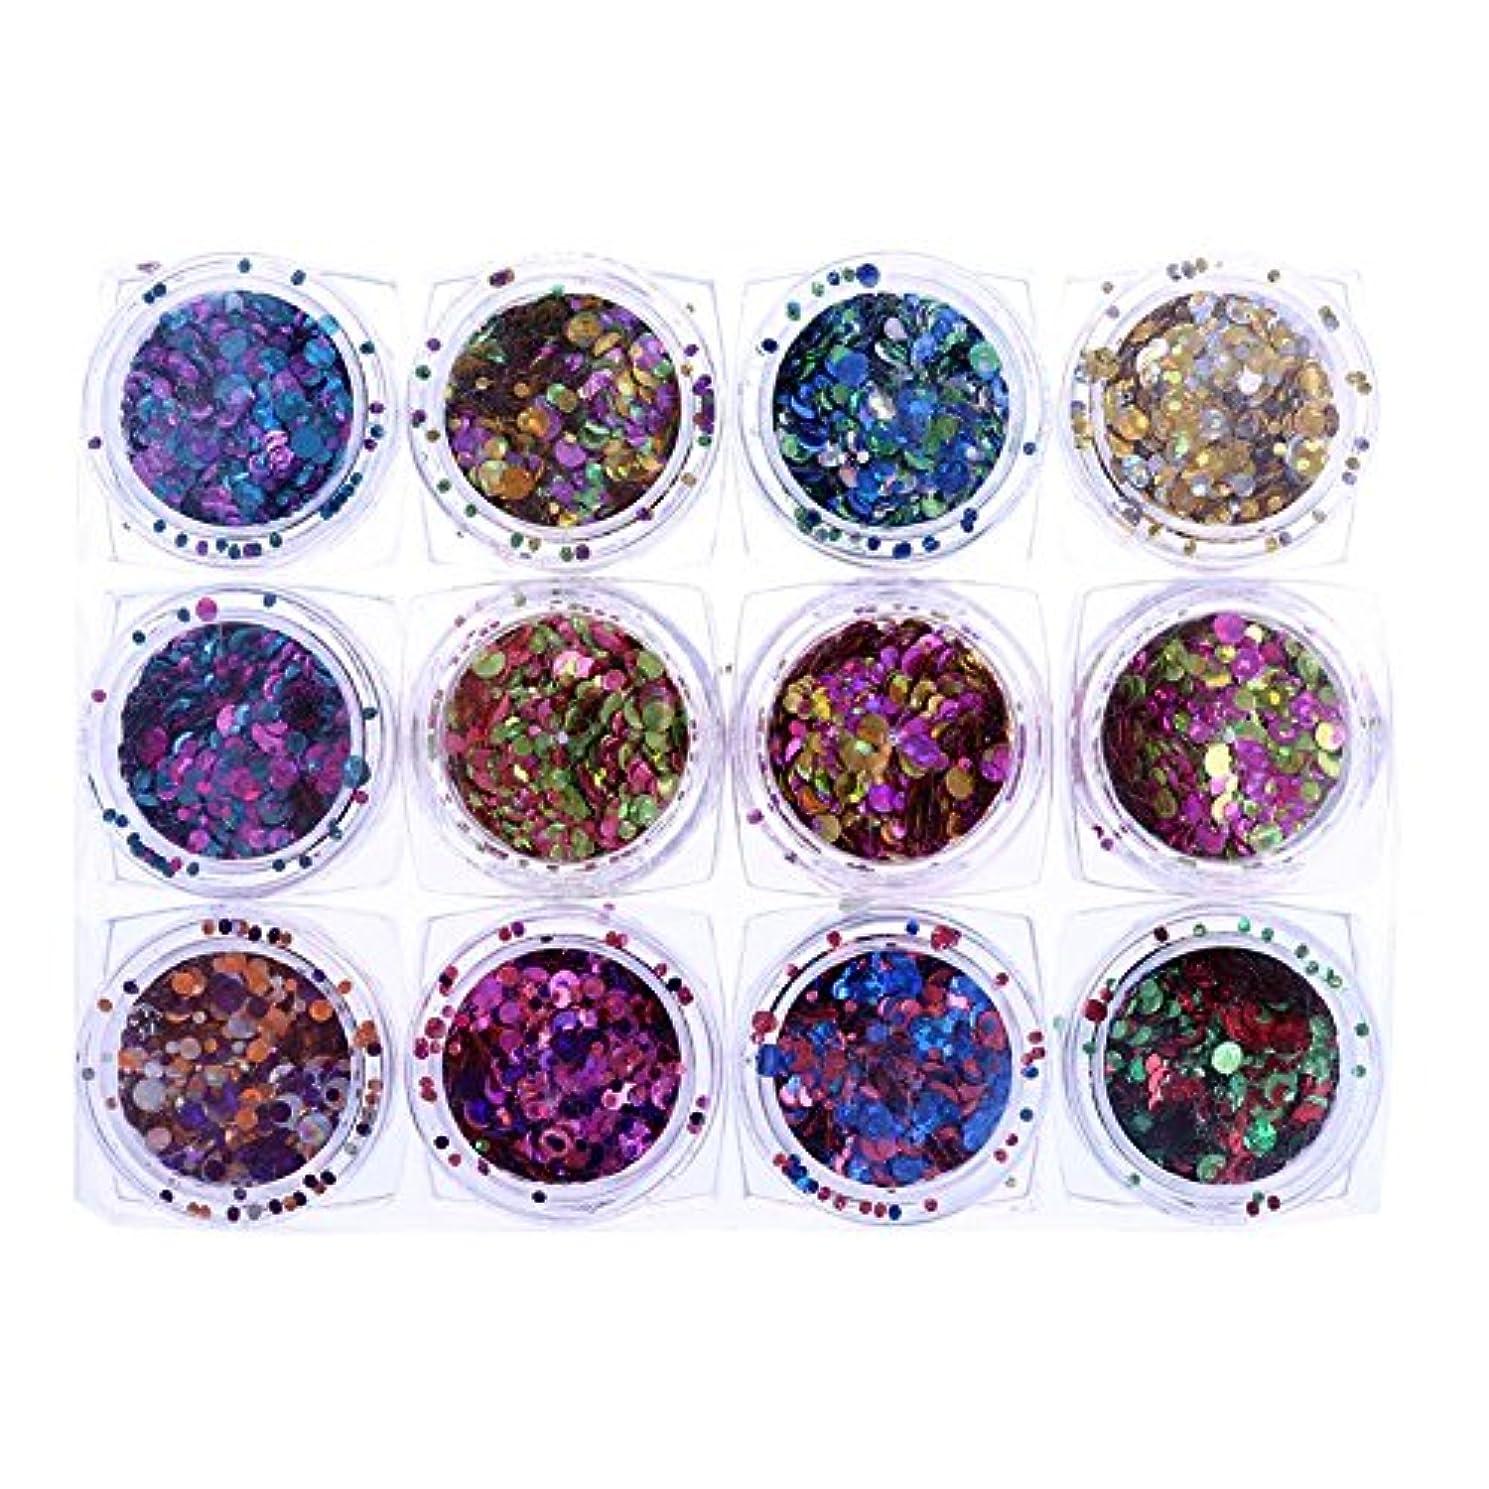 曲げる夫婦クロニクルDemiawaking ネイルアート キラキラネイルスパンコール マニキュアネイルアートデコレーション 12種類/セット ブリオー ネイル デコ用 人気セット